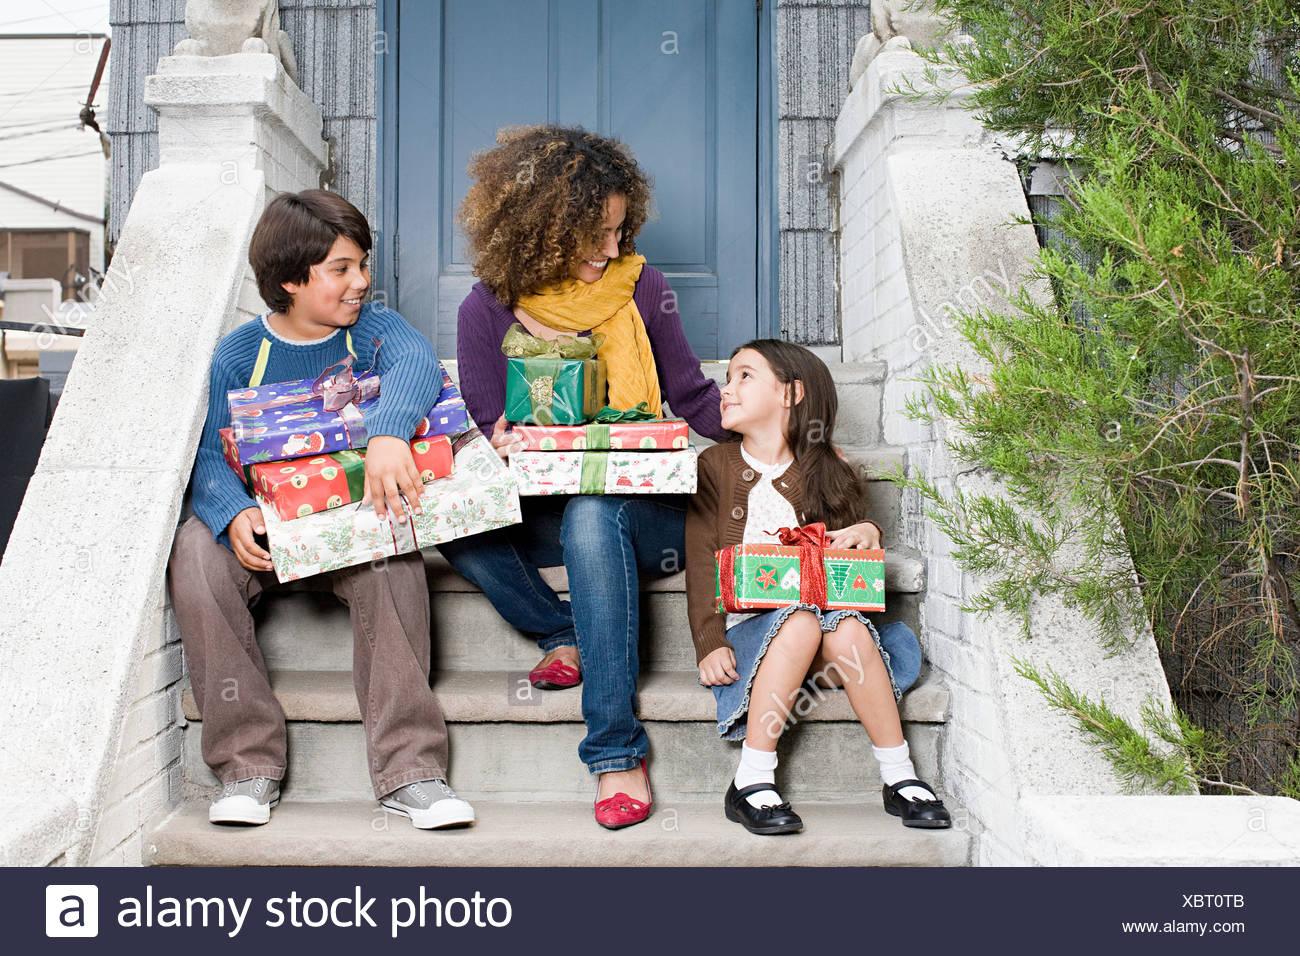 La mère et l'enfant assis sur un pas holding gifts Photo Stock